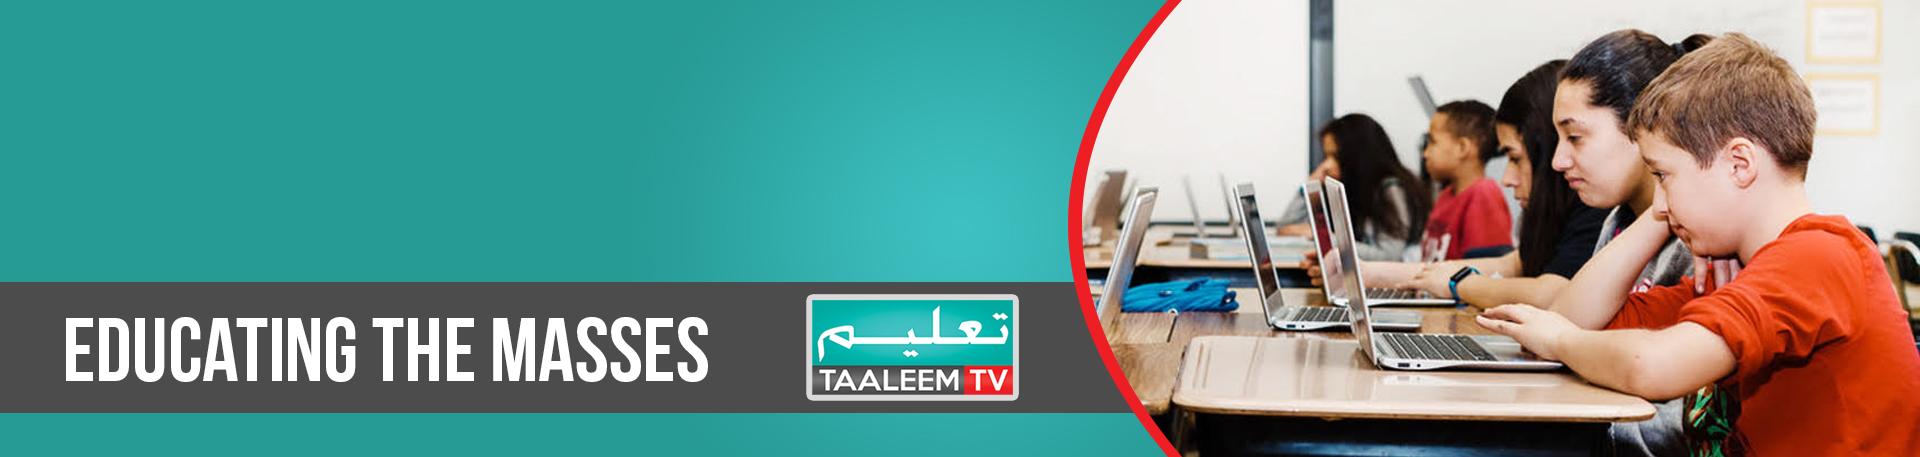 Taaleem TV